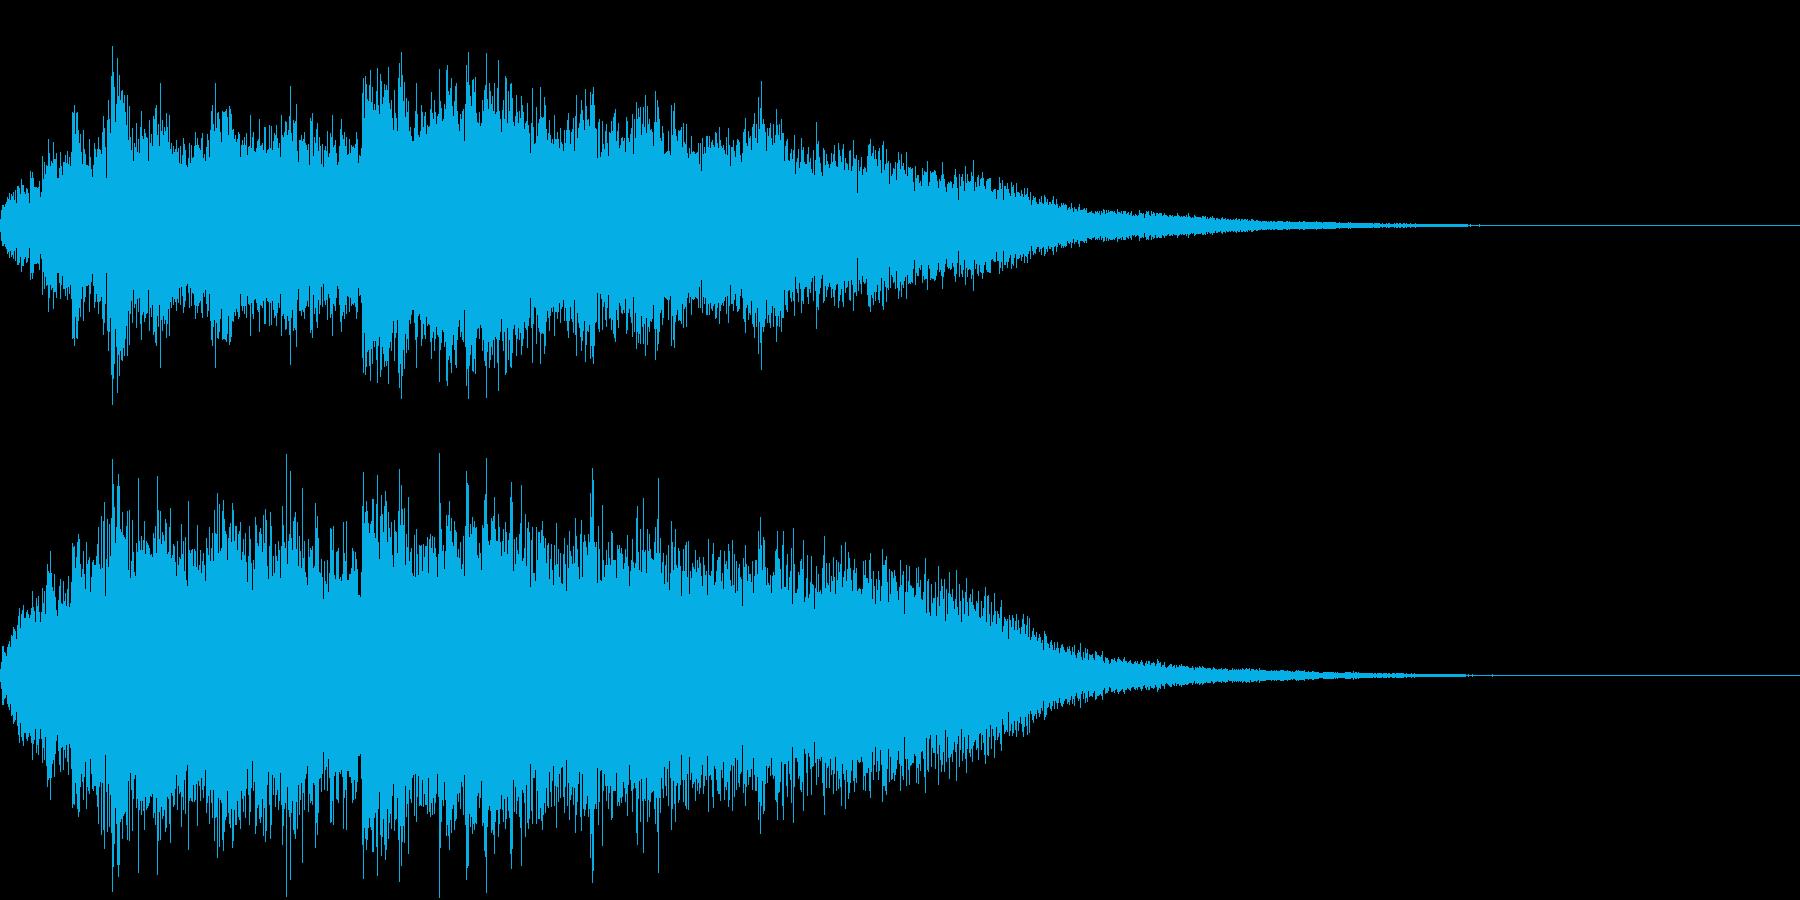 キラキラ 変化 おまじない 魔法 09の再生済みの波形